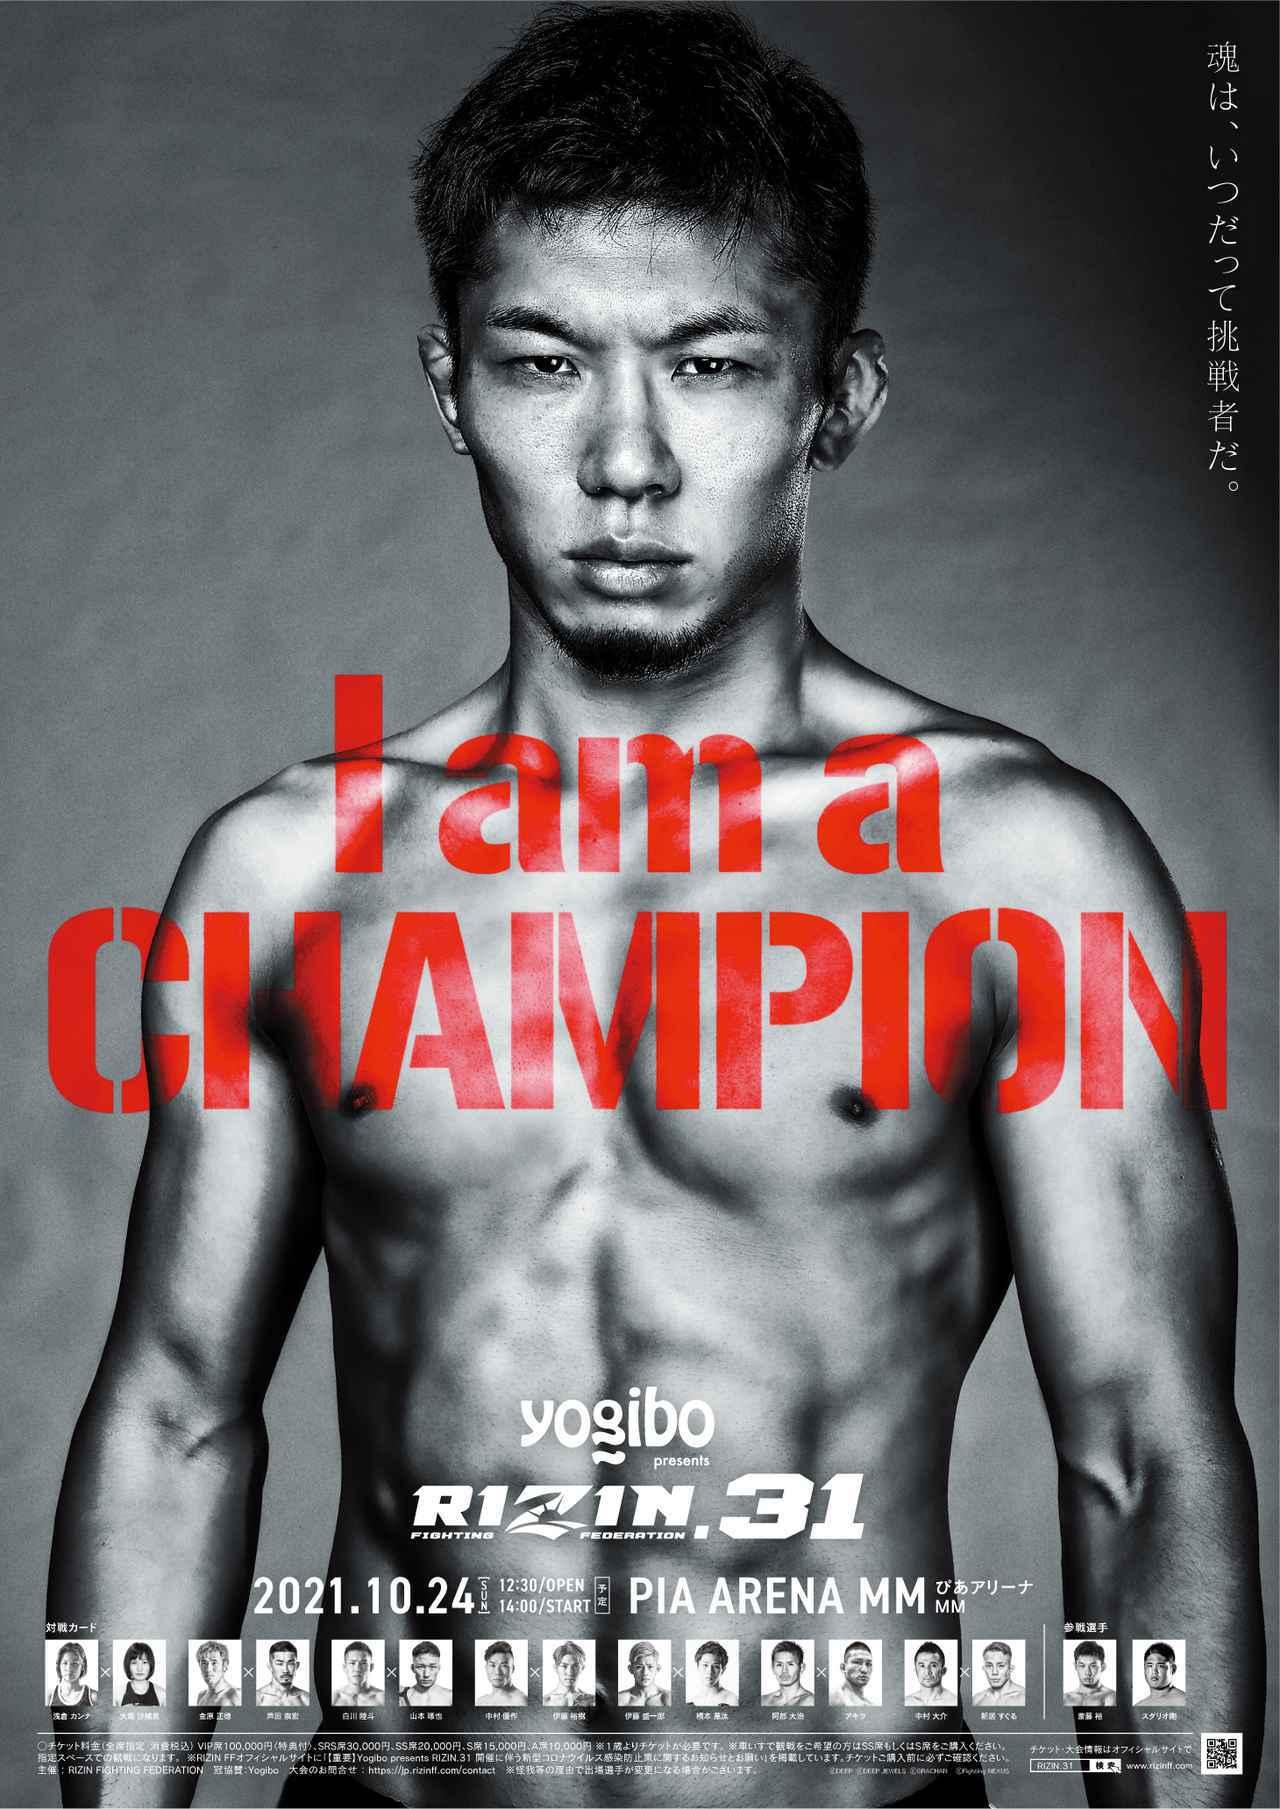 画像2: 斎藤「骨のある対戦相手を待ってます」タイトルマッチ直談判!ポスターも公開!